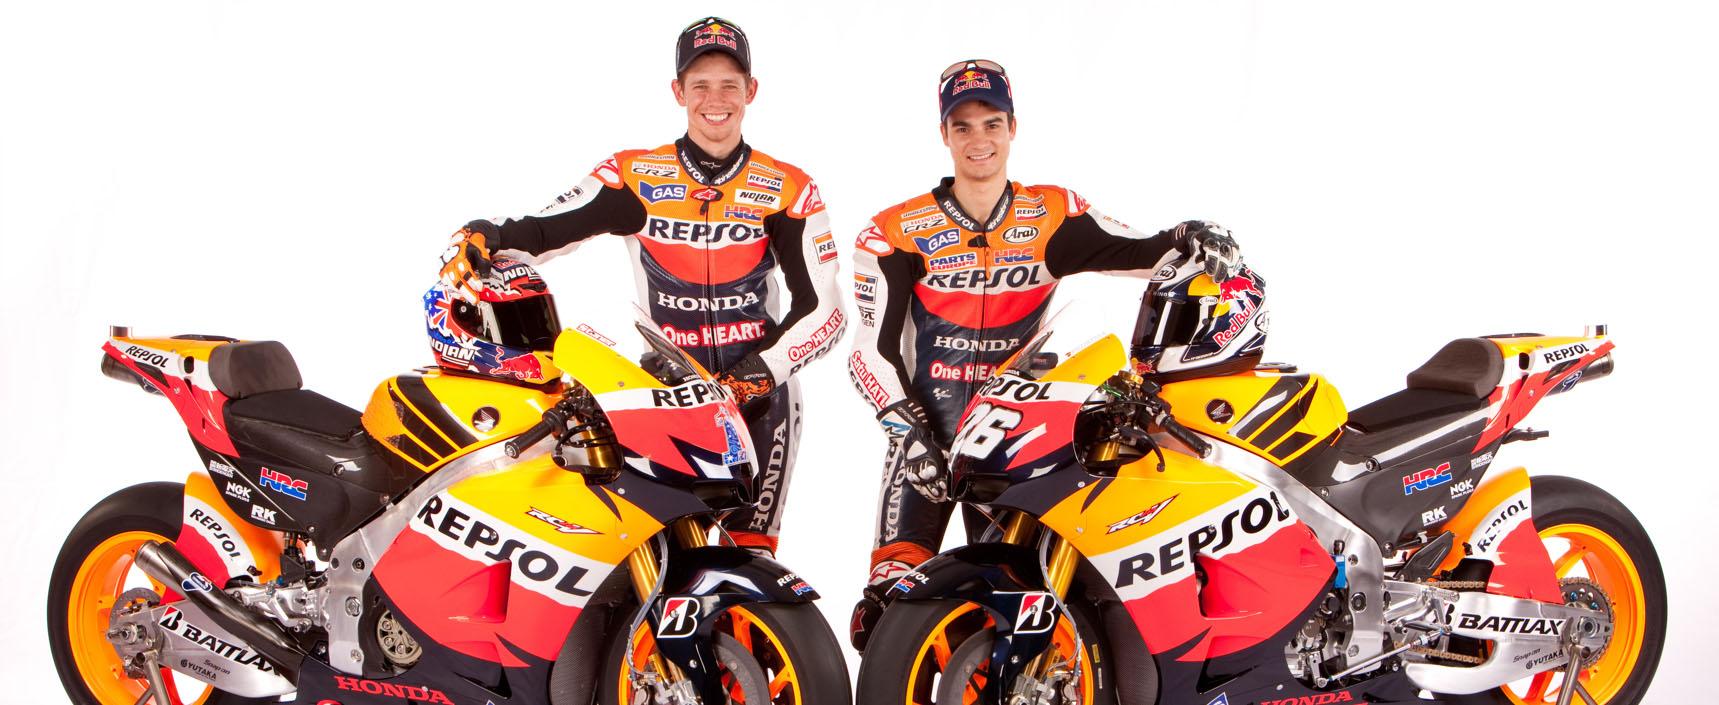 Repsol Honda logra la cifra de 300 podios y 100 victorias gracias a un primer puesto de Stoner y un tercero de Pedrosa en el GP de EEUU